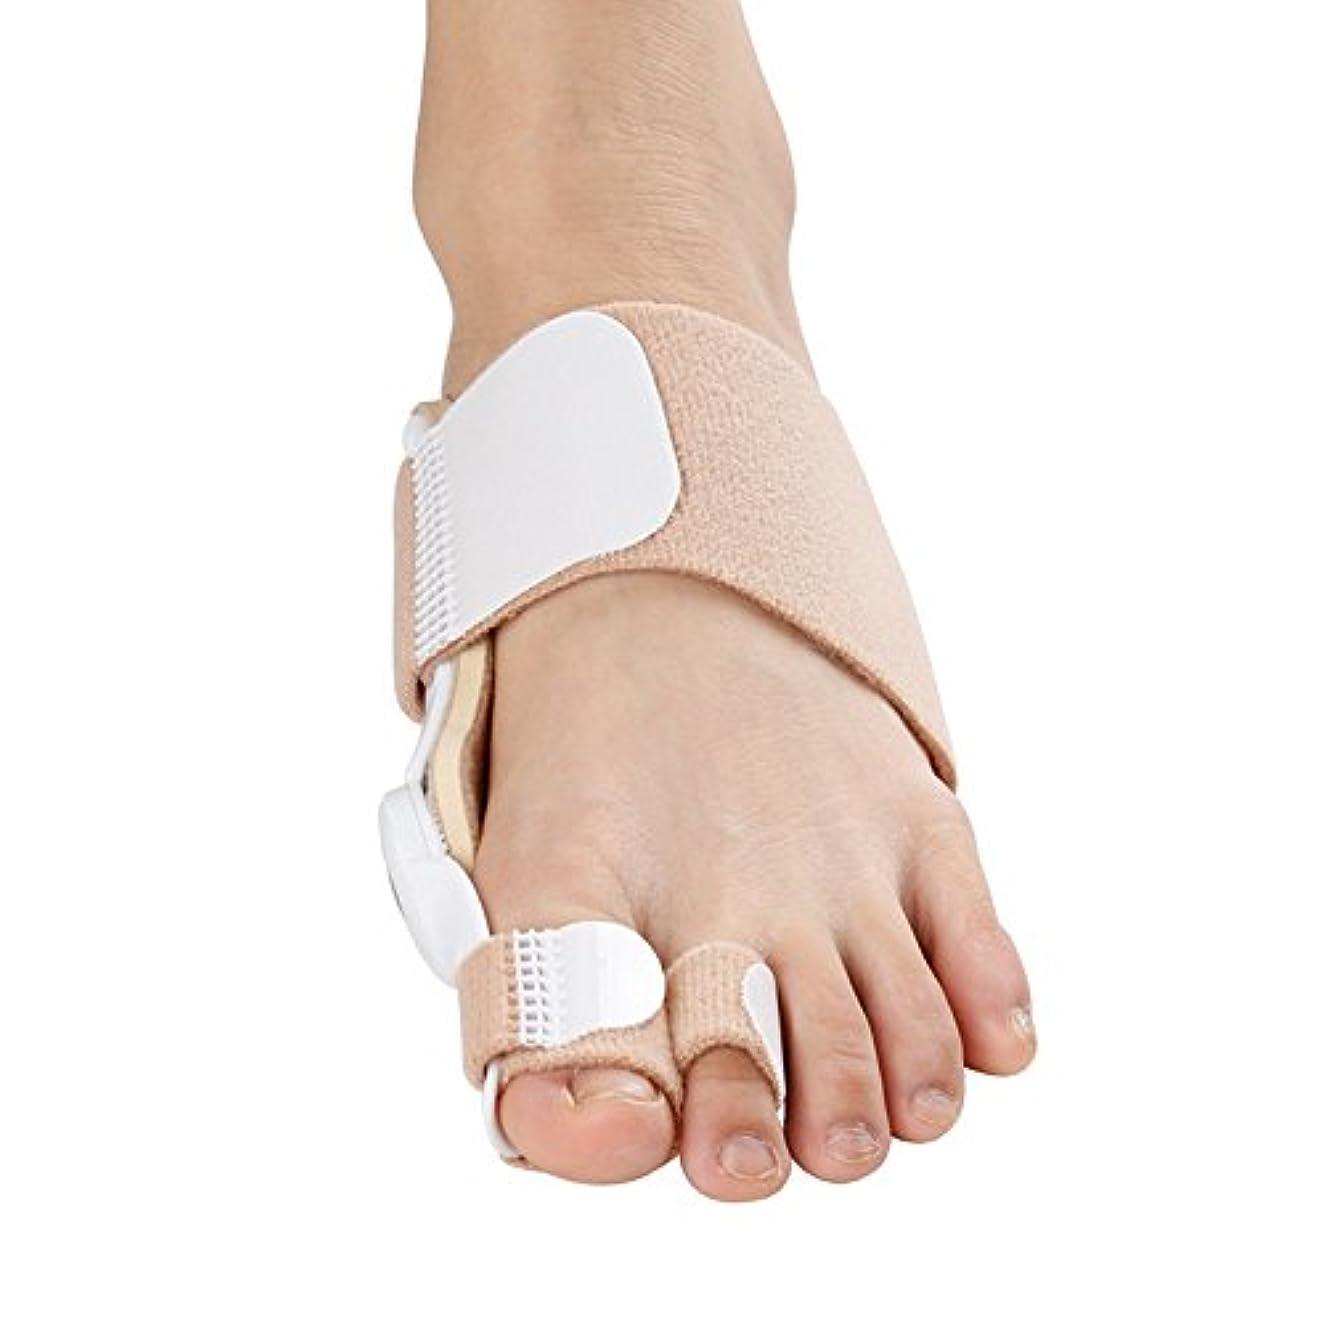 うっかり十代の若者たち狂う1組のつま先の分離帯の坐骨矯正装置最新の強化された外反母趾矯正整形つま先痛み足のケア